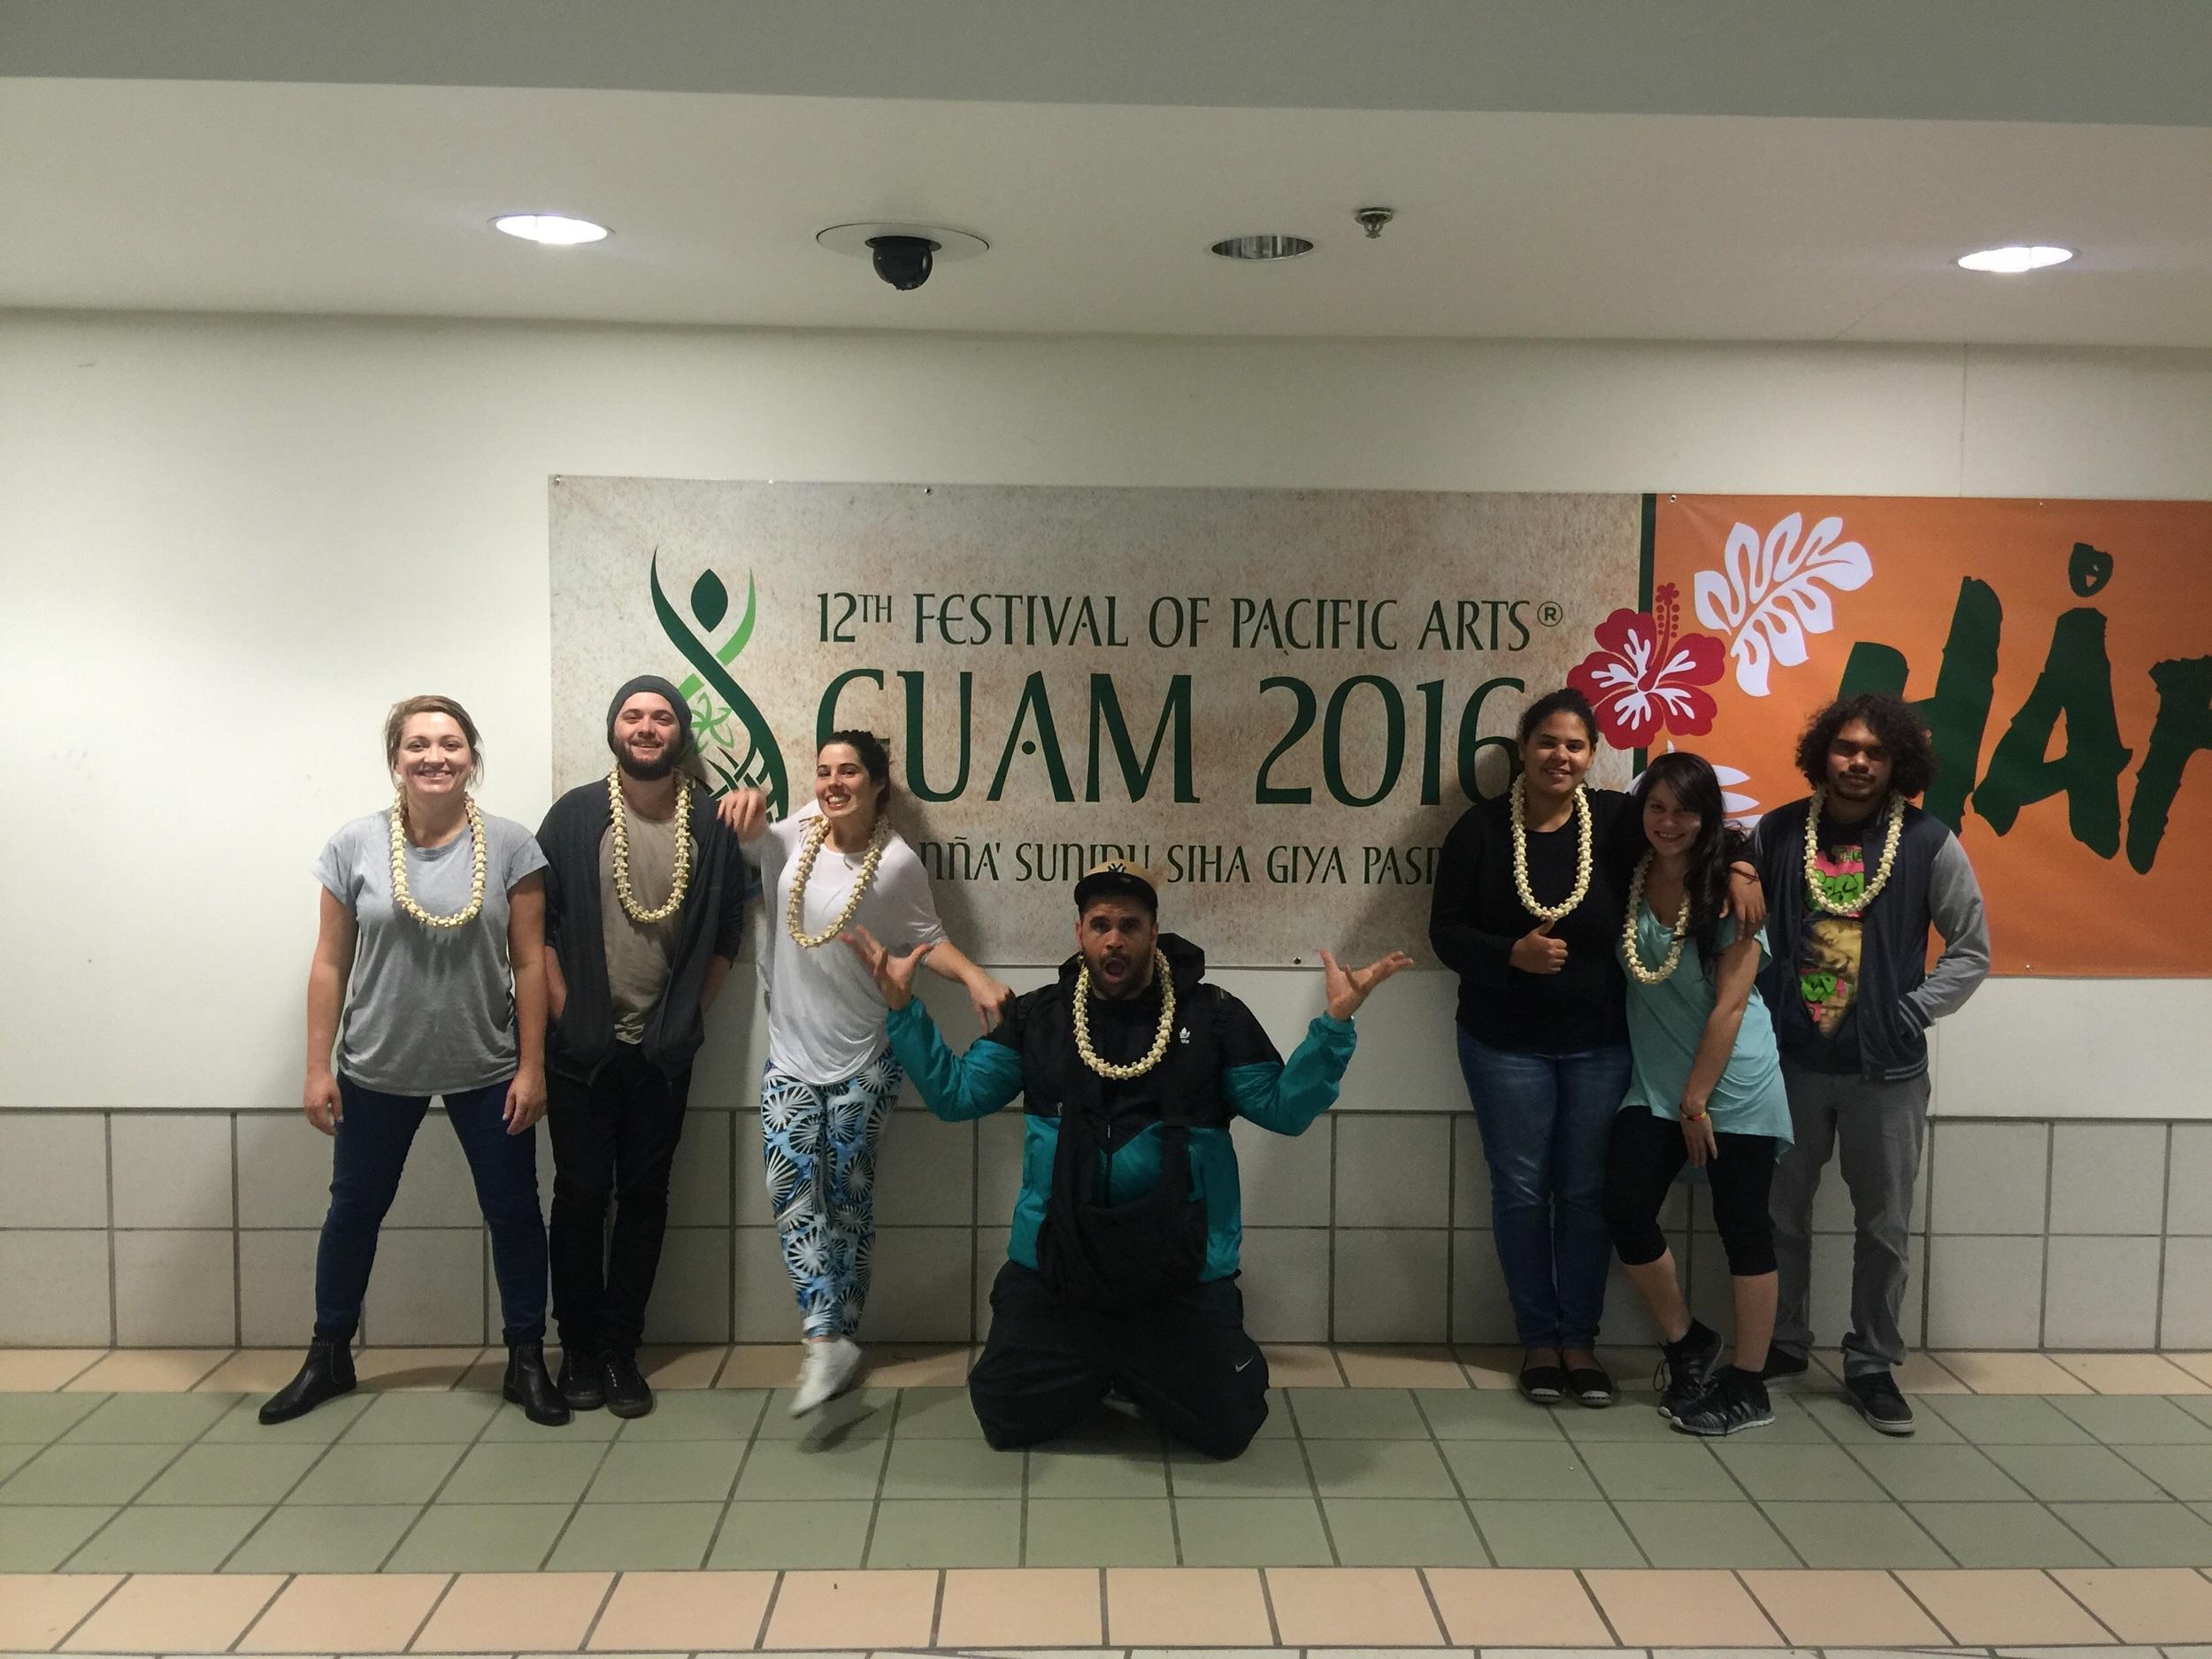 Australian delegates: Alethea, Eliah, Georgia, James, Taneale, Chantelle & Lenny.